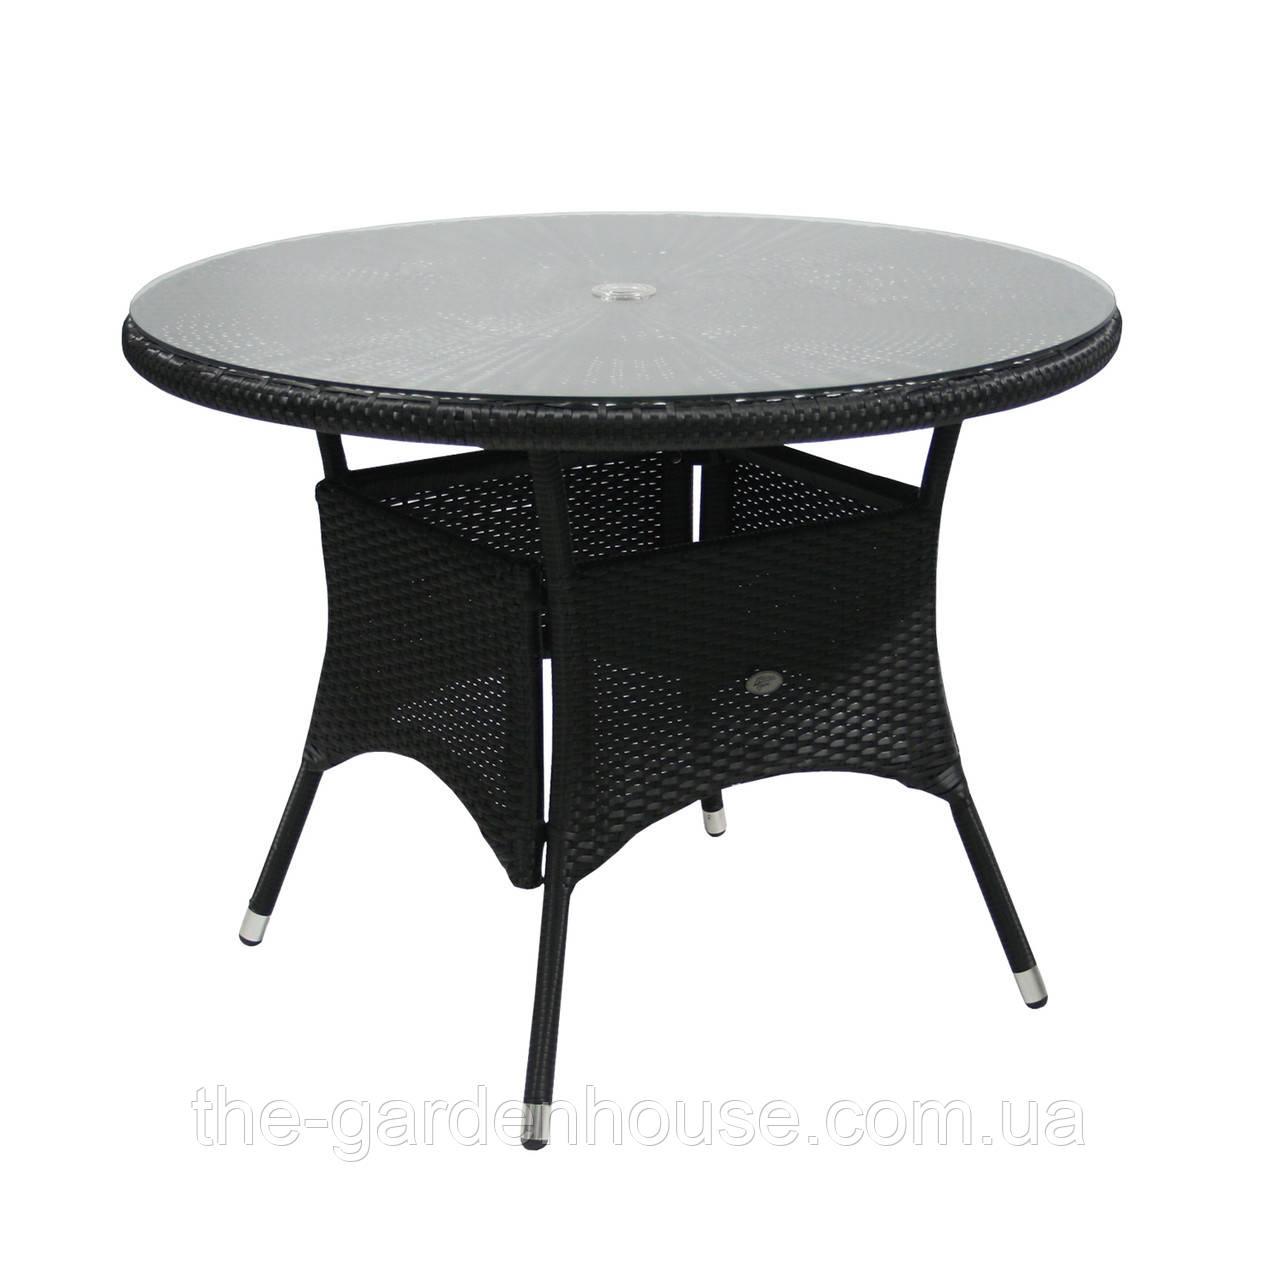 Обеденный стол Wicker из искусственного ротанга Ø 100 см черный